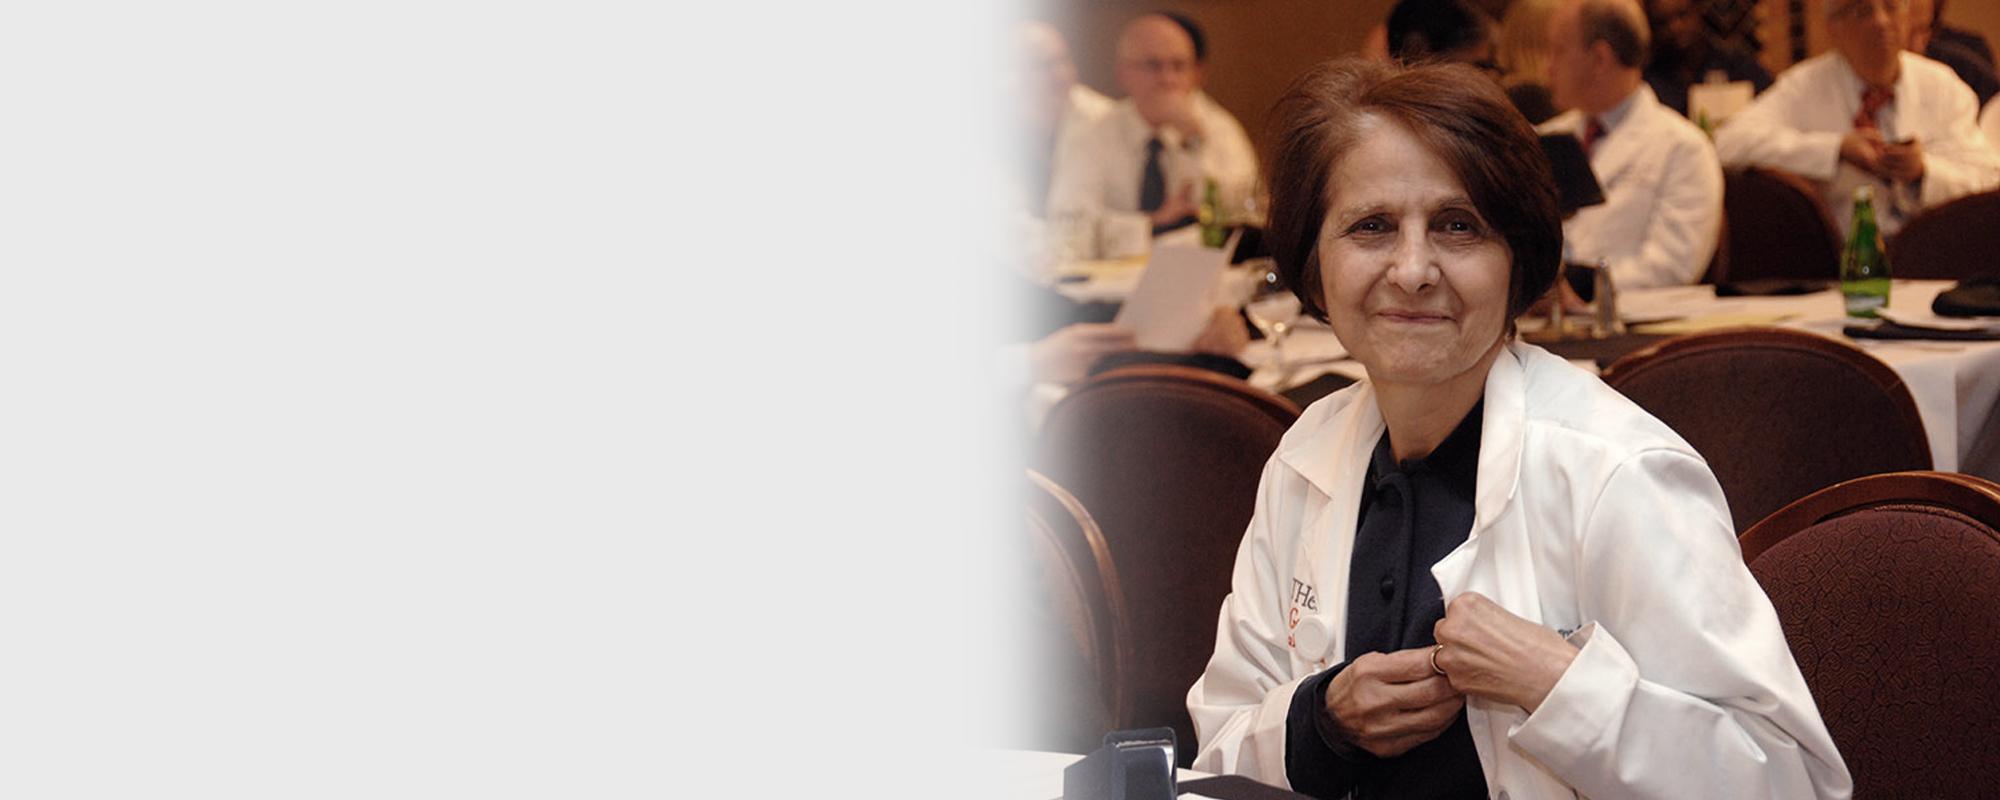 In memoriam: Shahla Nader-Eftekhari, MD